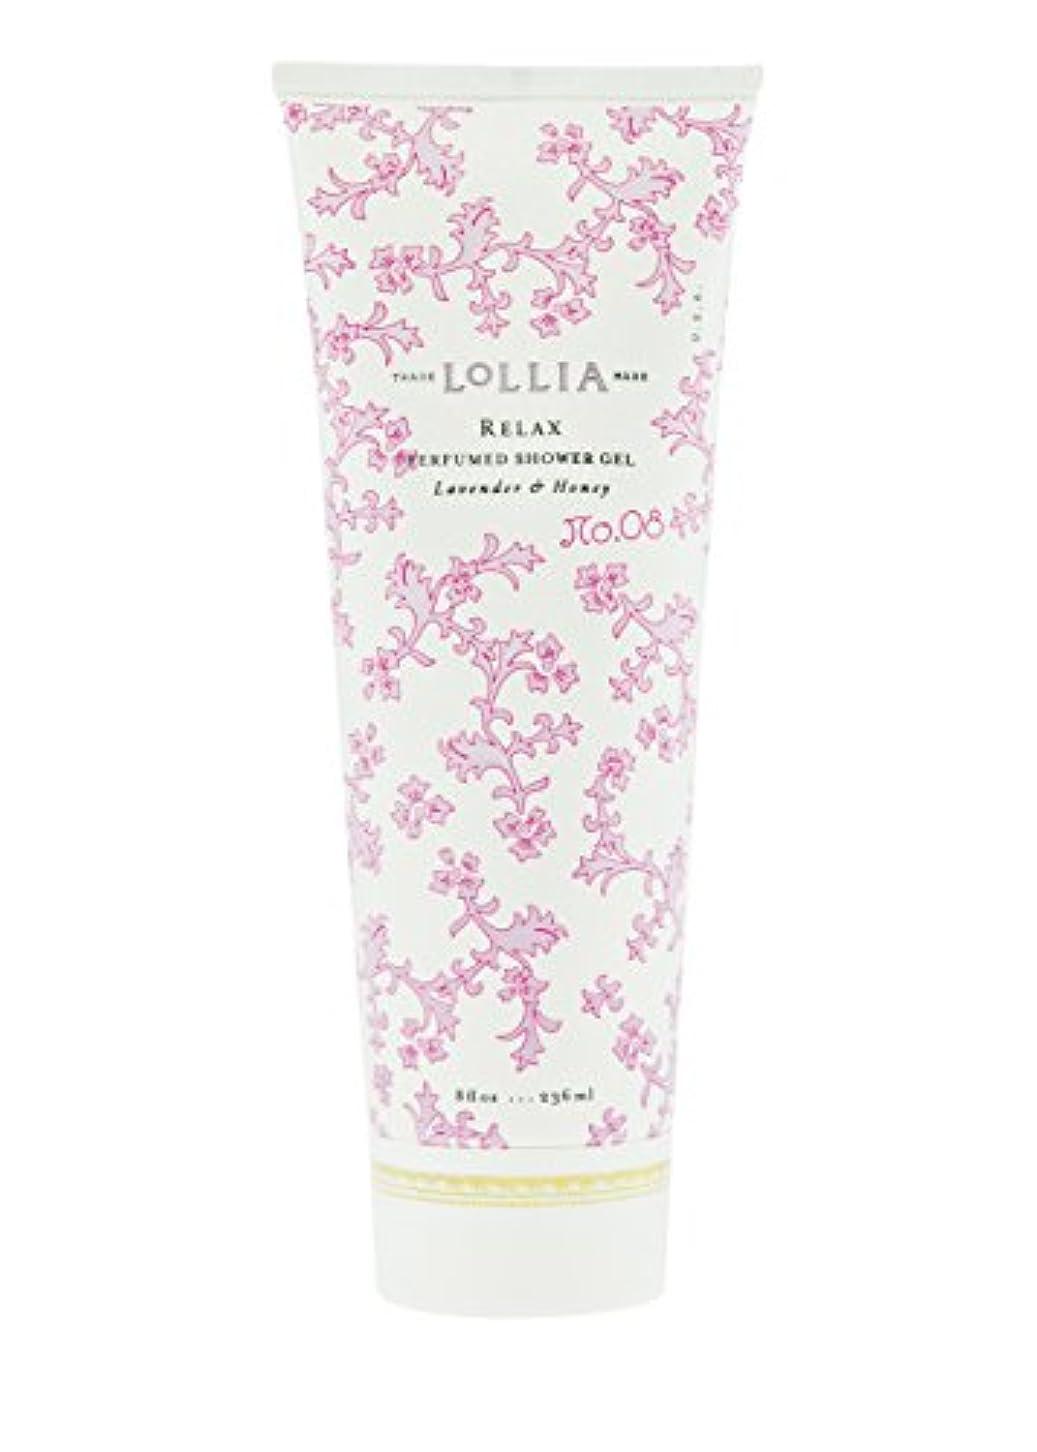 ロリア(LoLLIA) パフュームドシャワージェル Relax 236ml(全身用洗浄料 ボディーソープ ホワイトオーキッド、タヒチアンバニラ、ハチミツ、アンバーの香り)